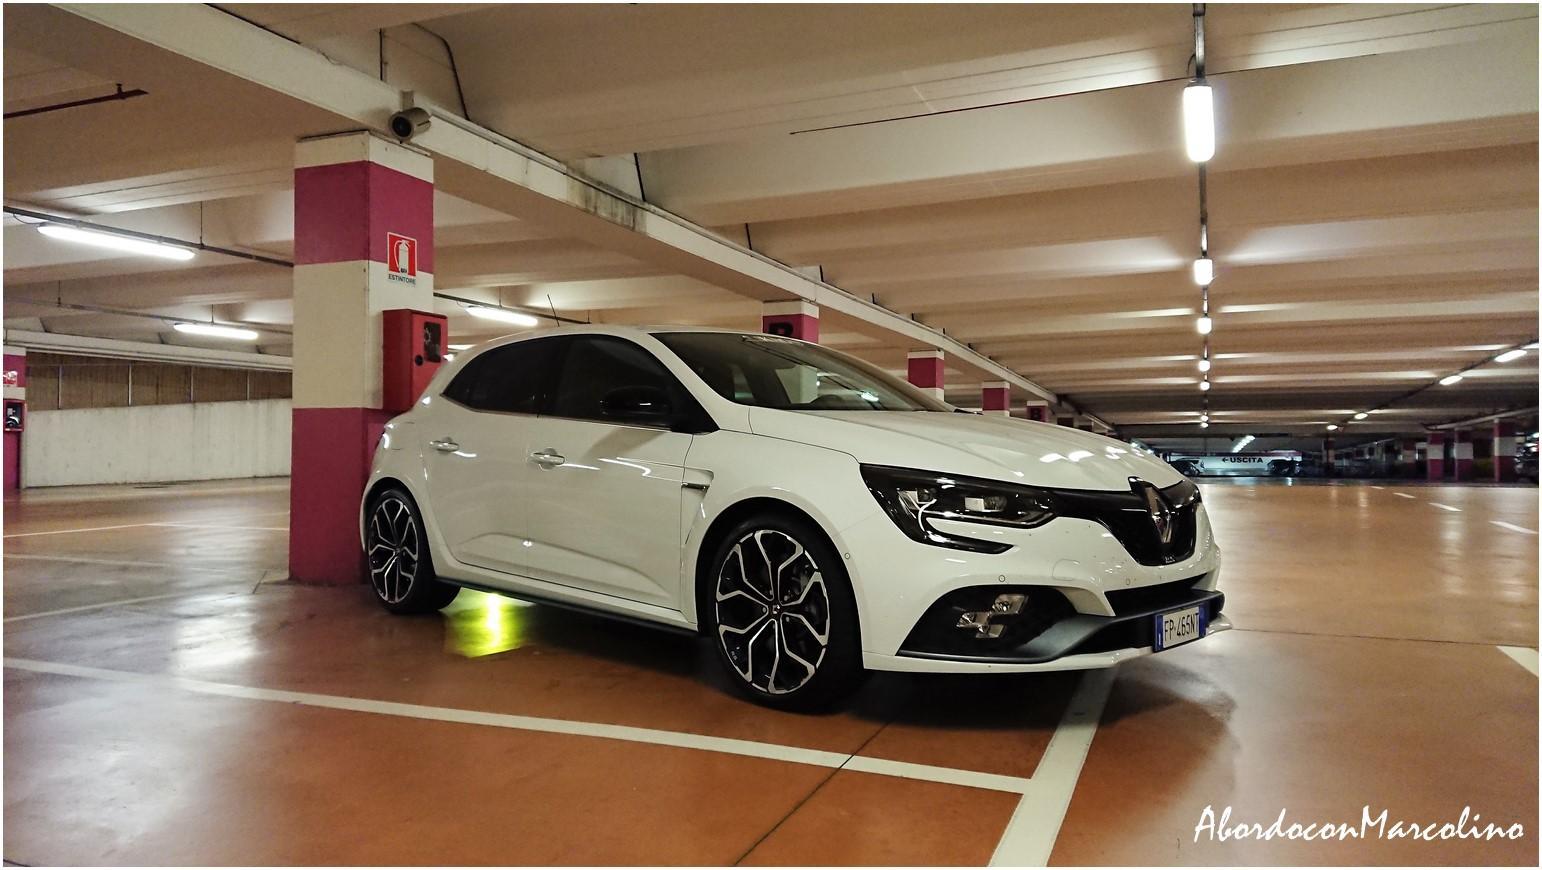 new megane rs 280 cv edc 2018 - le nostre prove di automobili